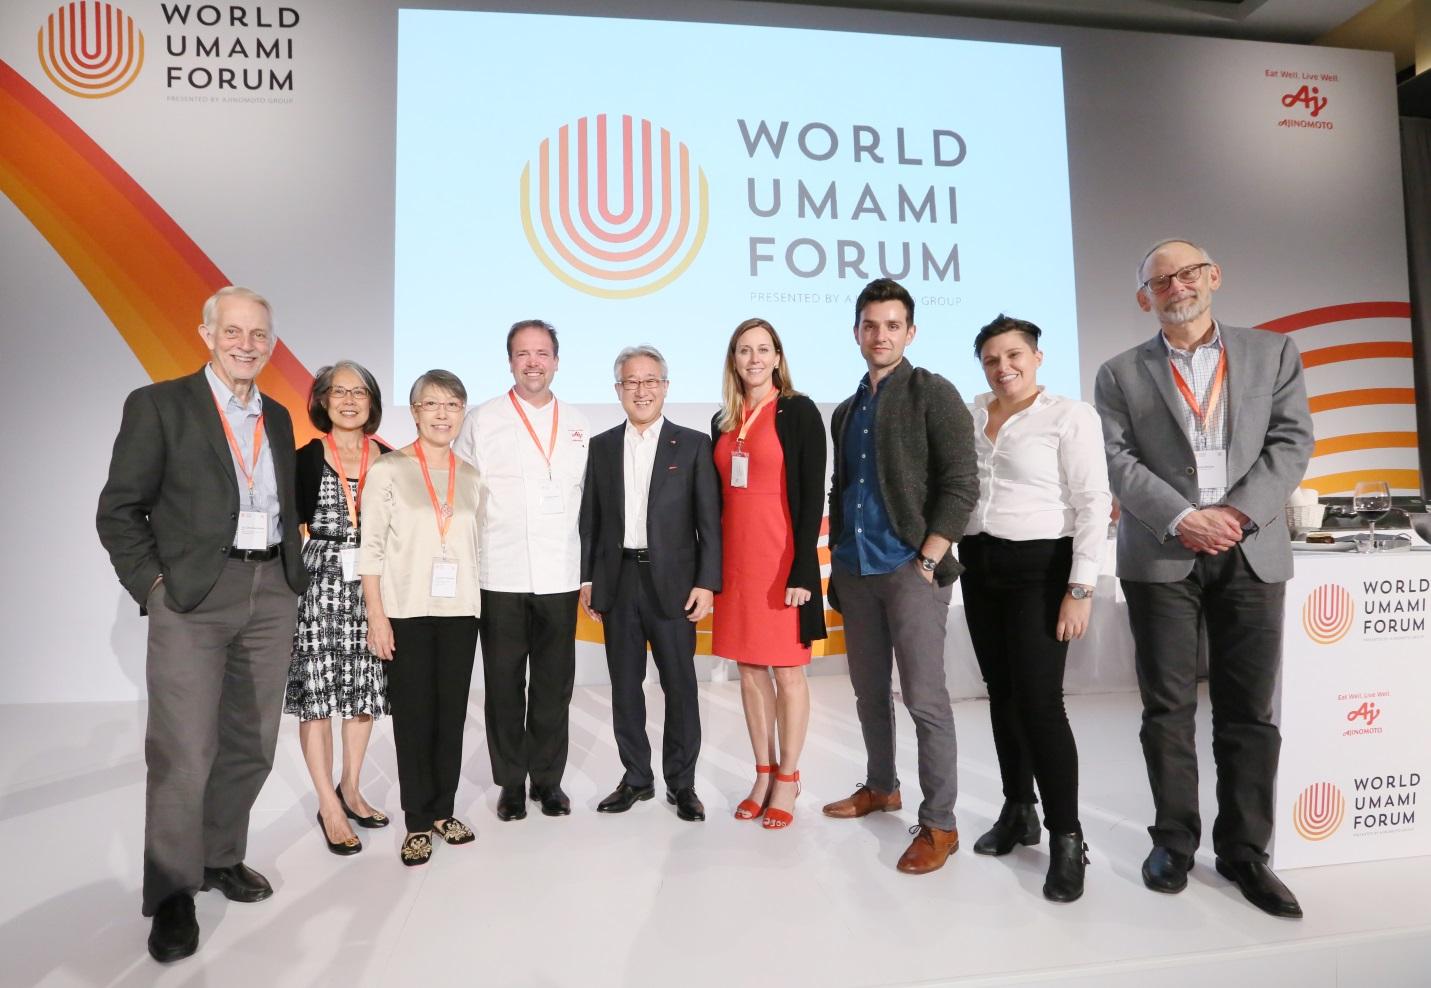 Góc nhìn khoa học về vị umami tại Diễn đàn Umami thế giới - Ảnh 1.